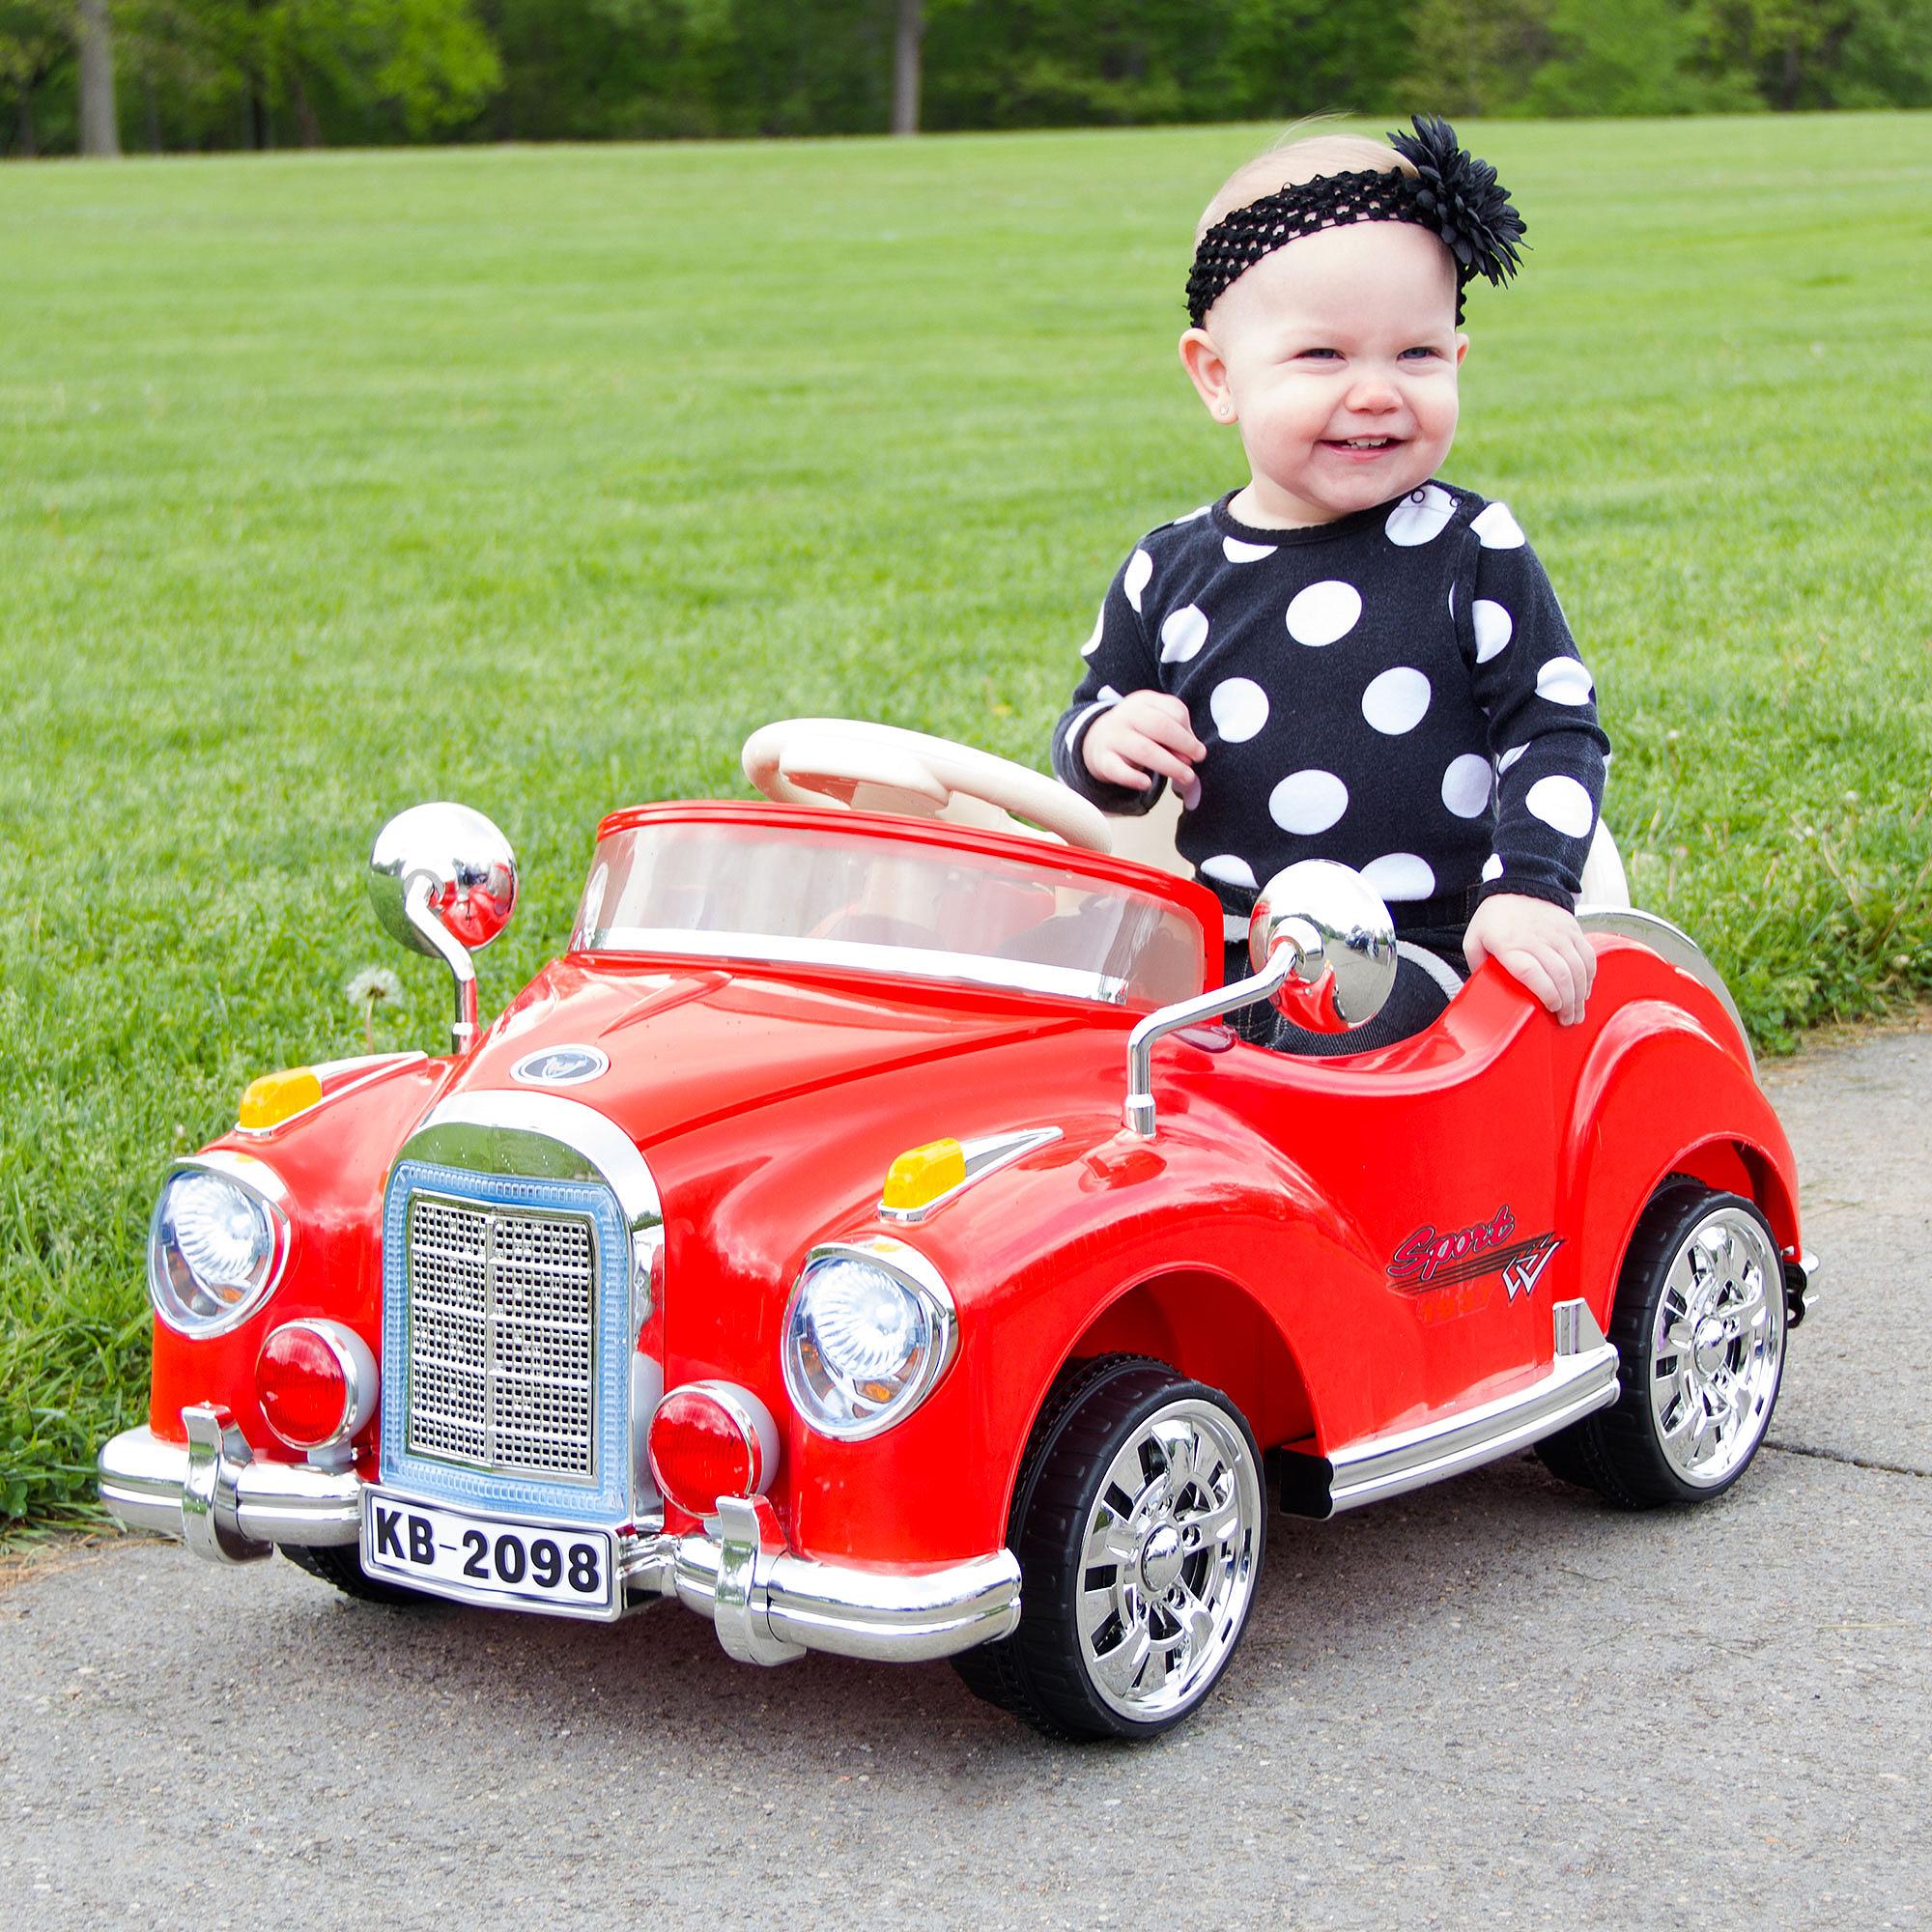 coches-eléctricos-para-niños-consejos-para-escoger-el-mejor-coche-infantil3